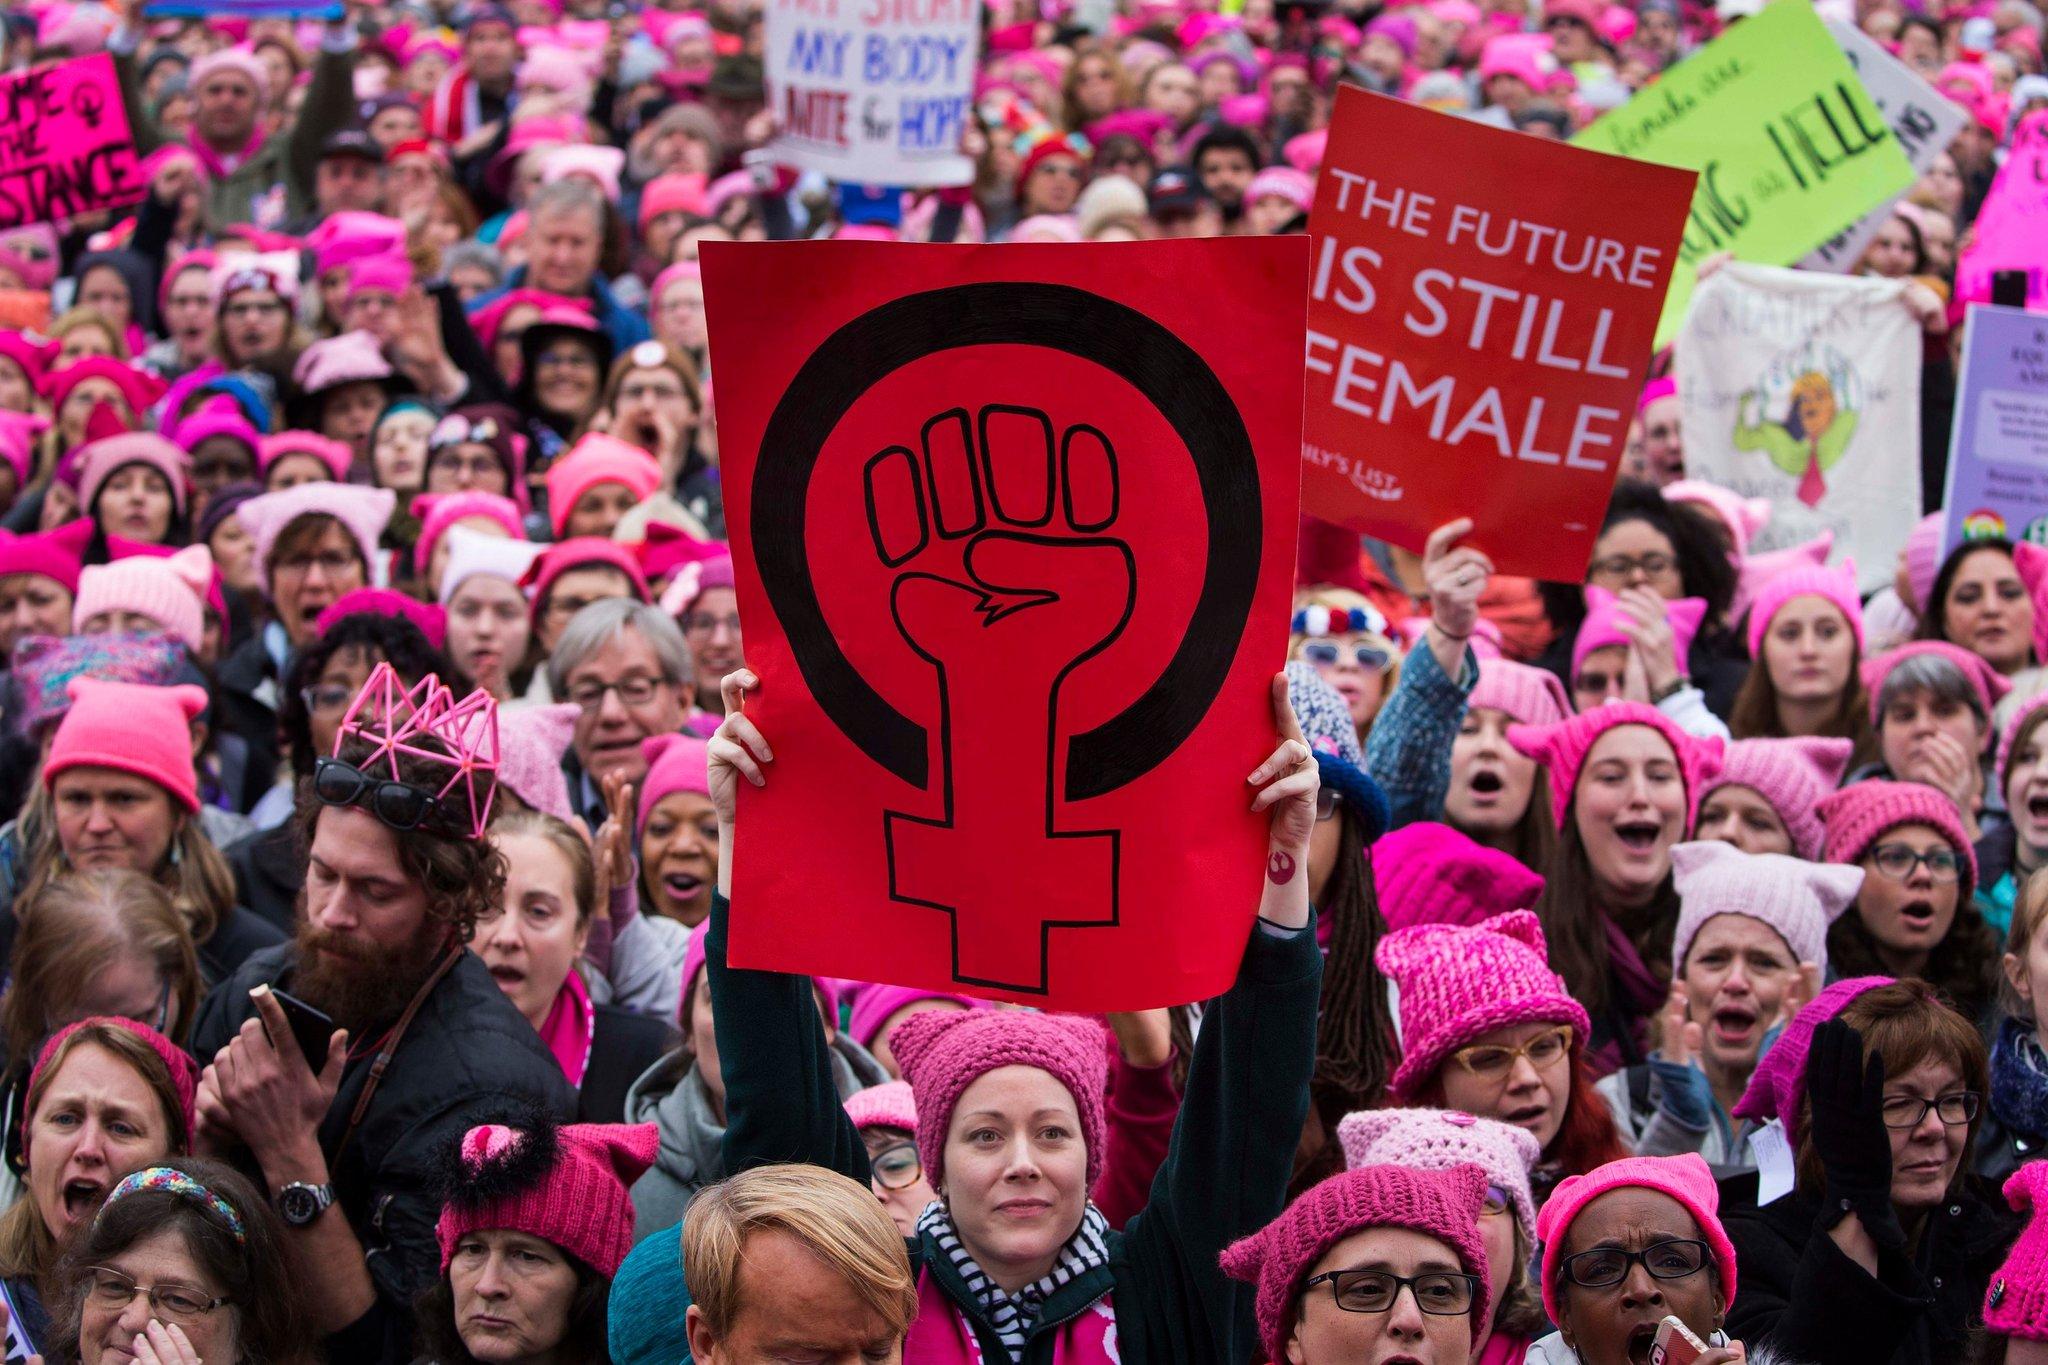 여성들이 말하는 여성운동의 다음 단계는?